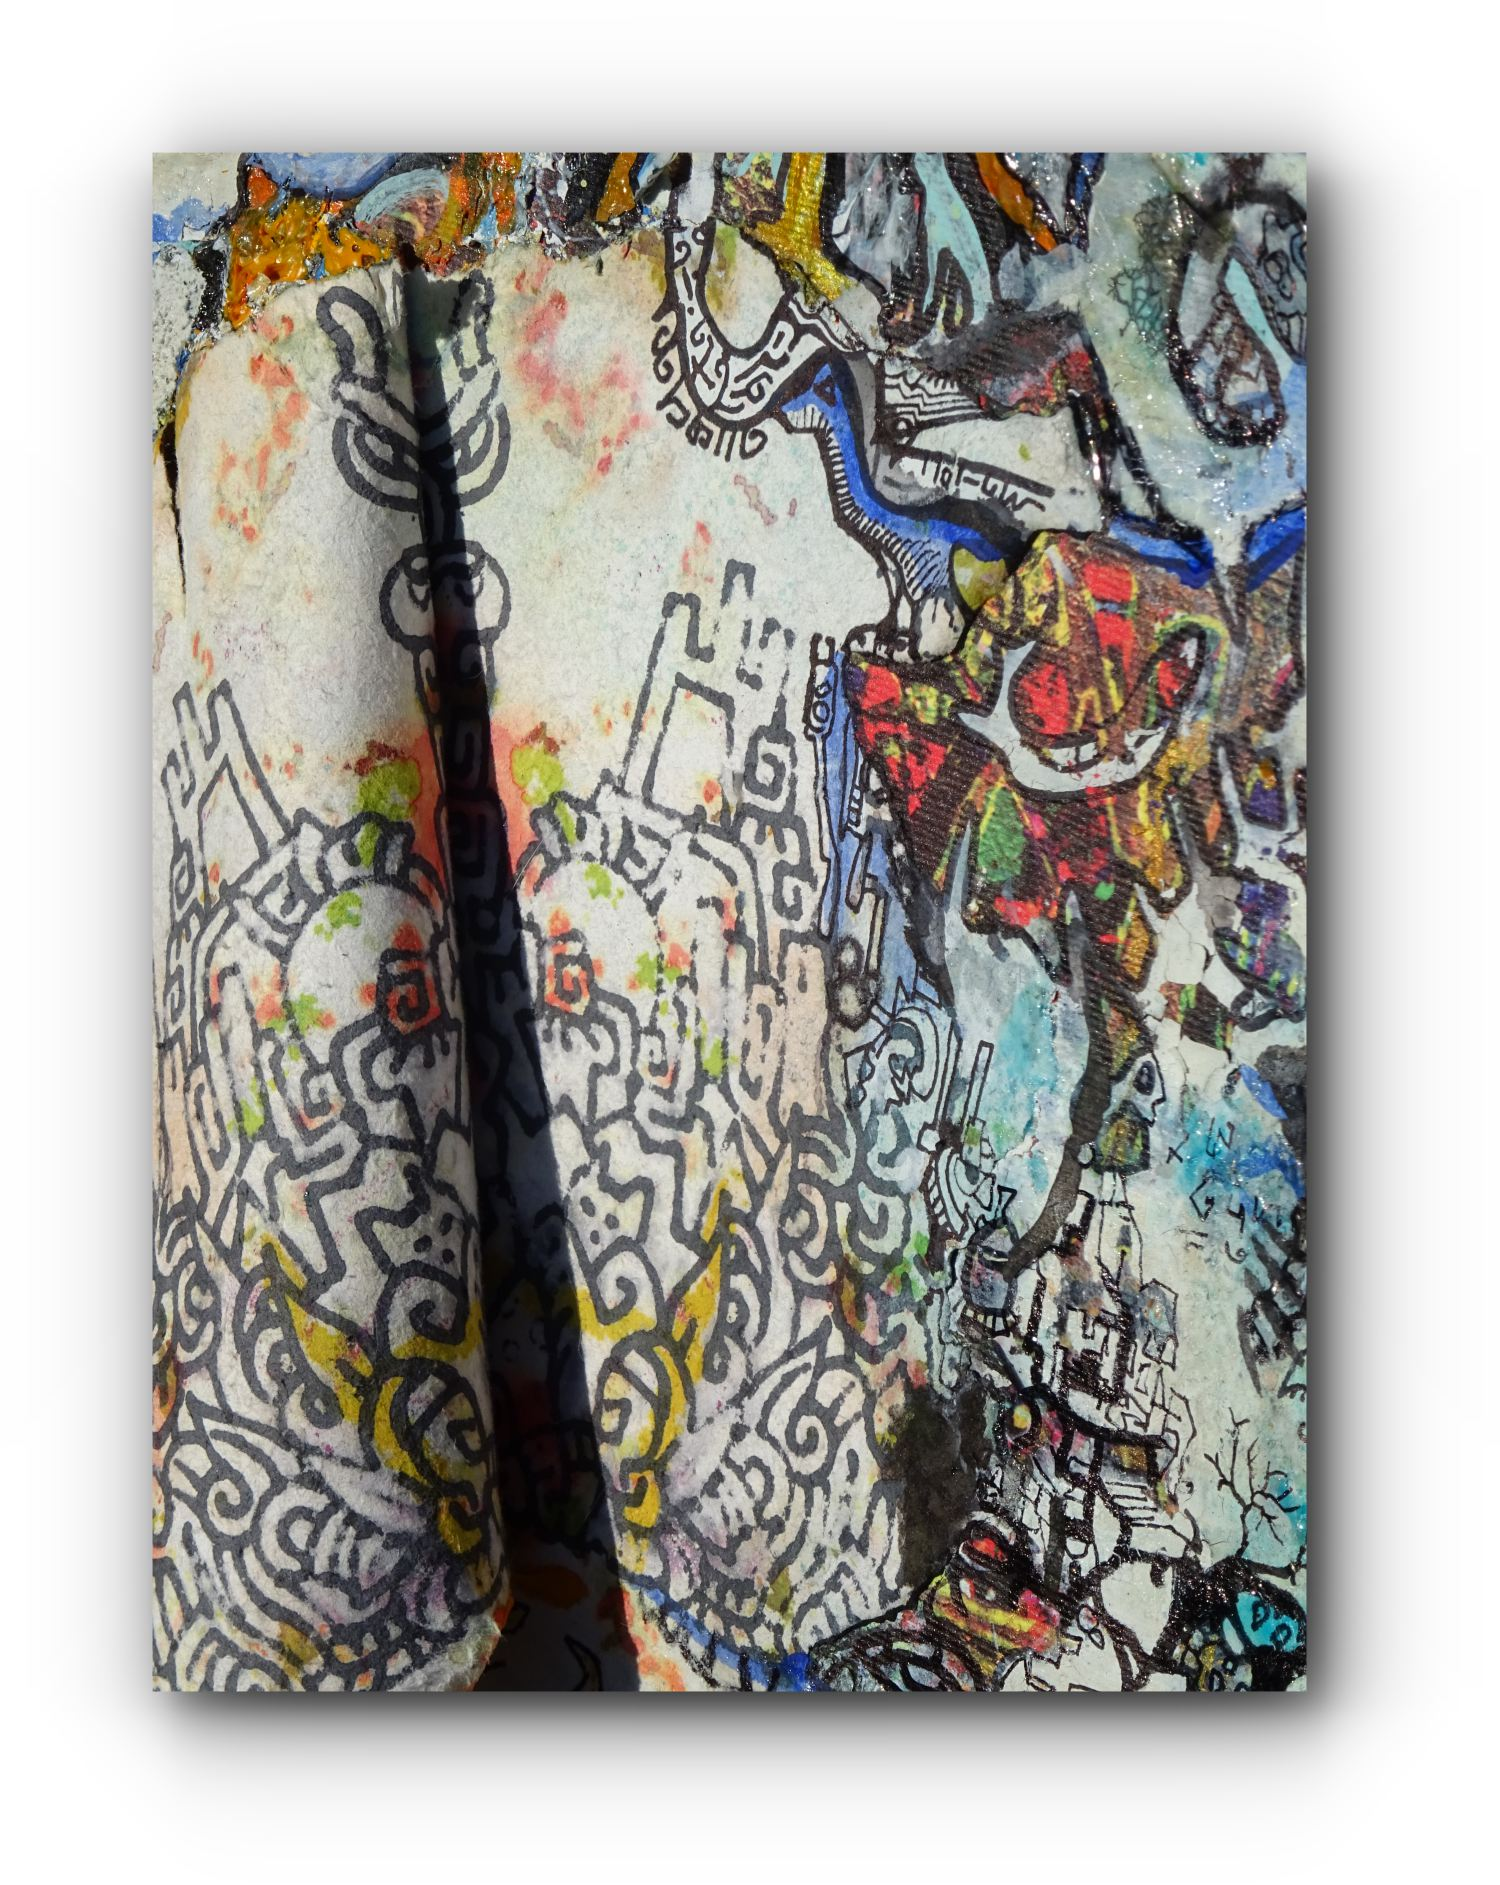 painting-detail-4-receiver-artist-duo-ingress-vortices.jpg